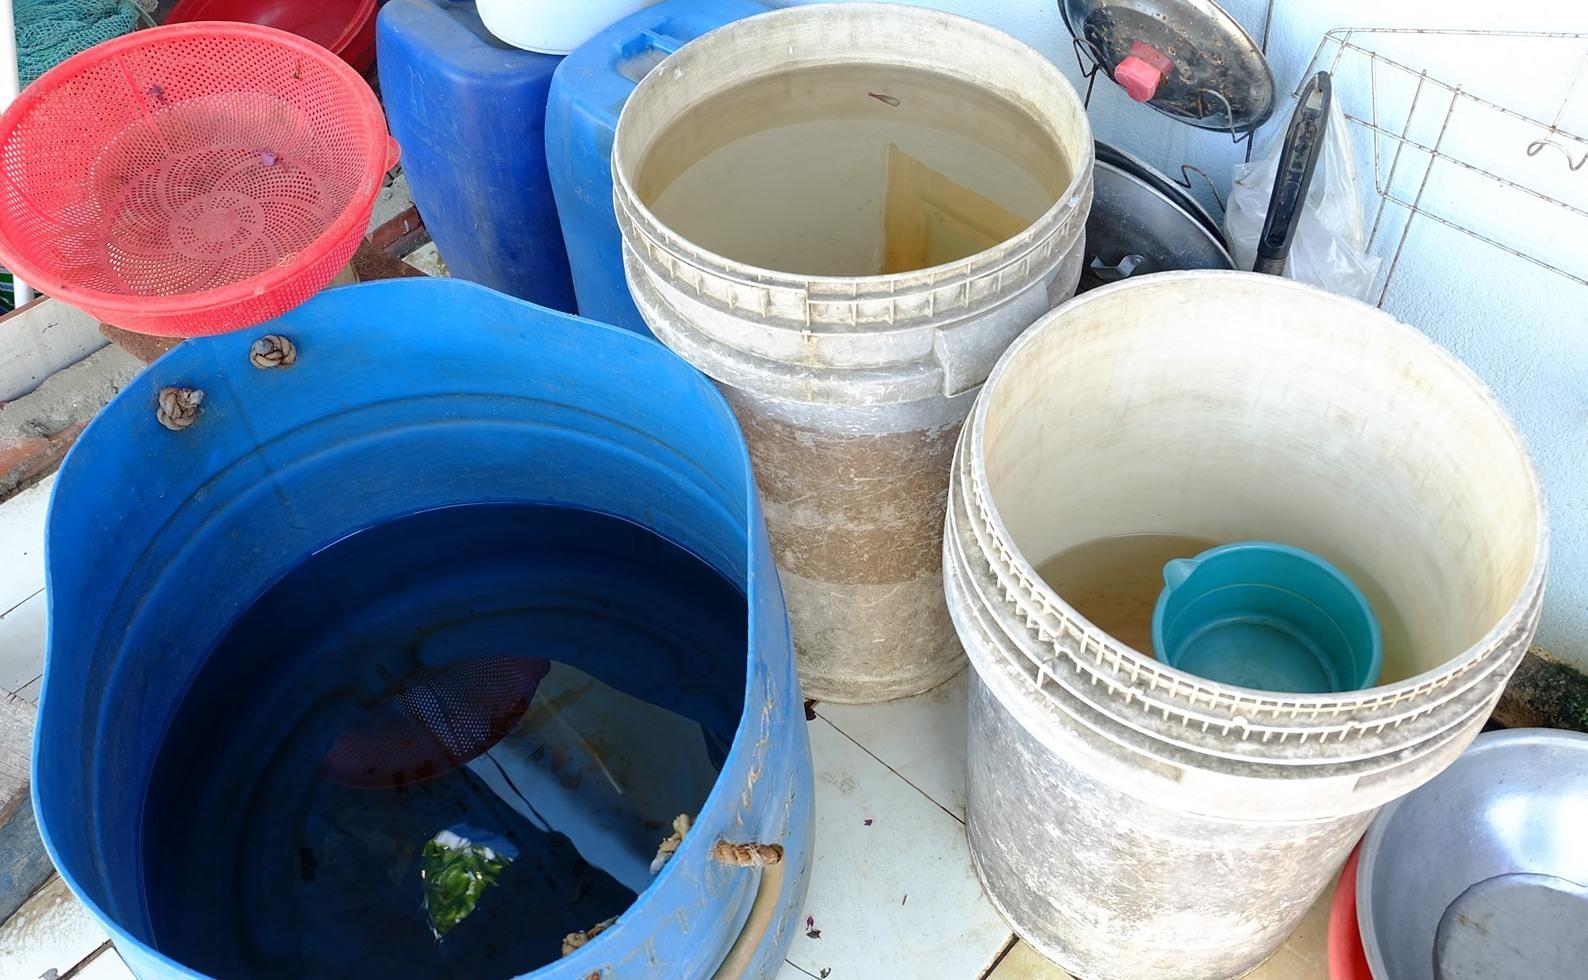 Người dân phải xin, trữ từng xô nước để sử dụng. Ảnh: A.B